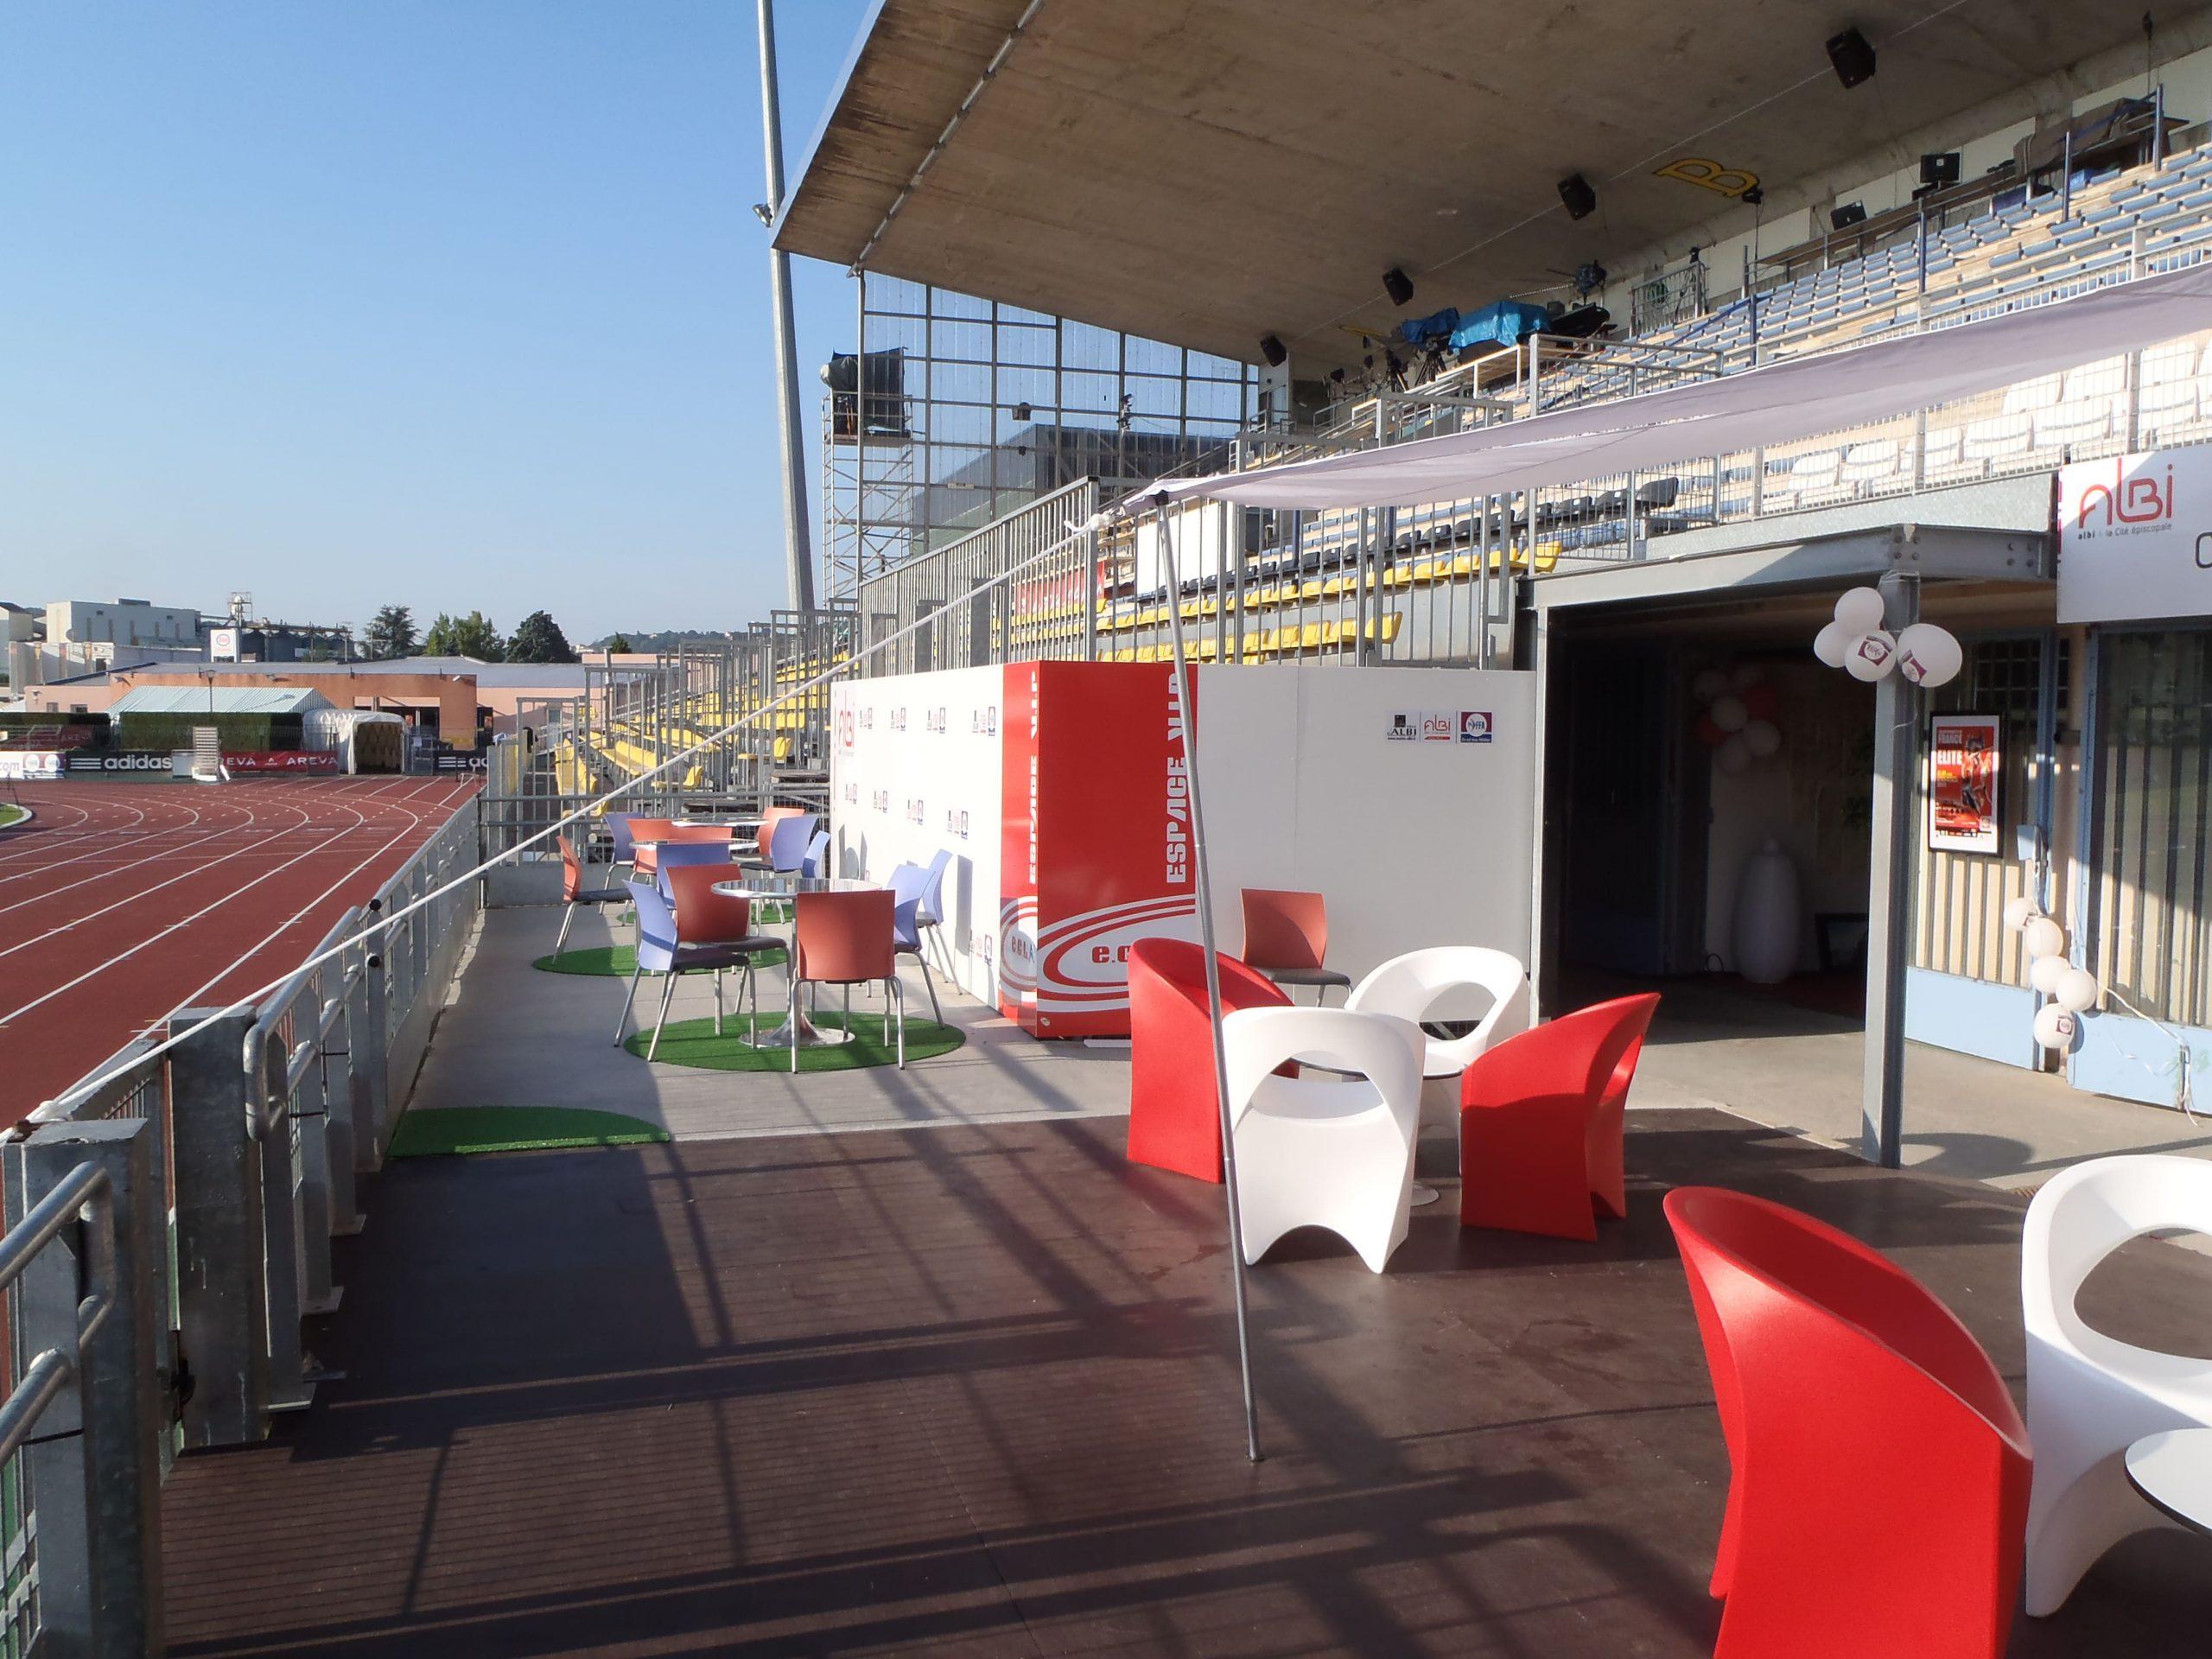 Vue d'ensemble de l'espace VIP du championnat de France d'athlétisme agencé par SAFRA Agencement